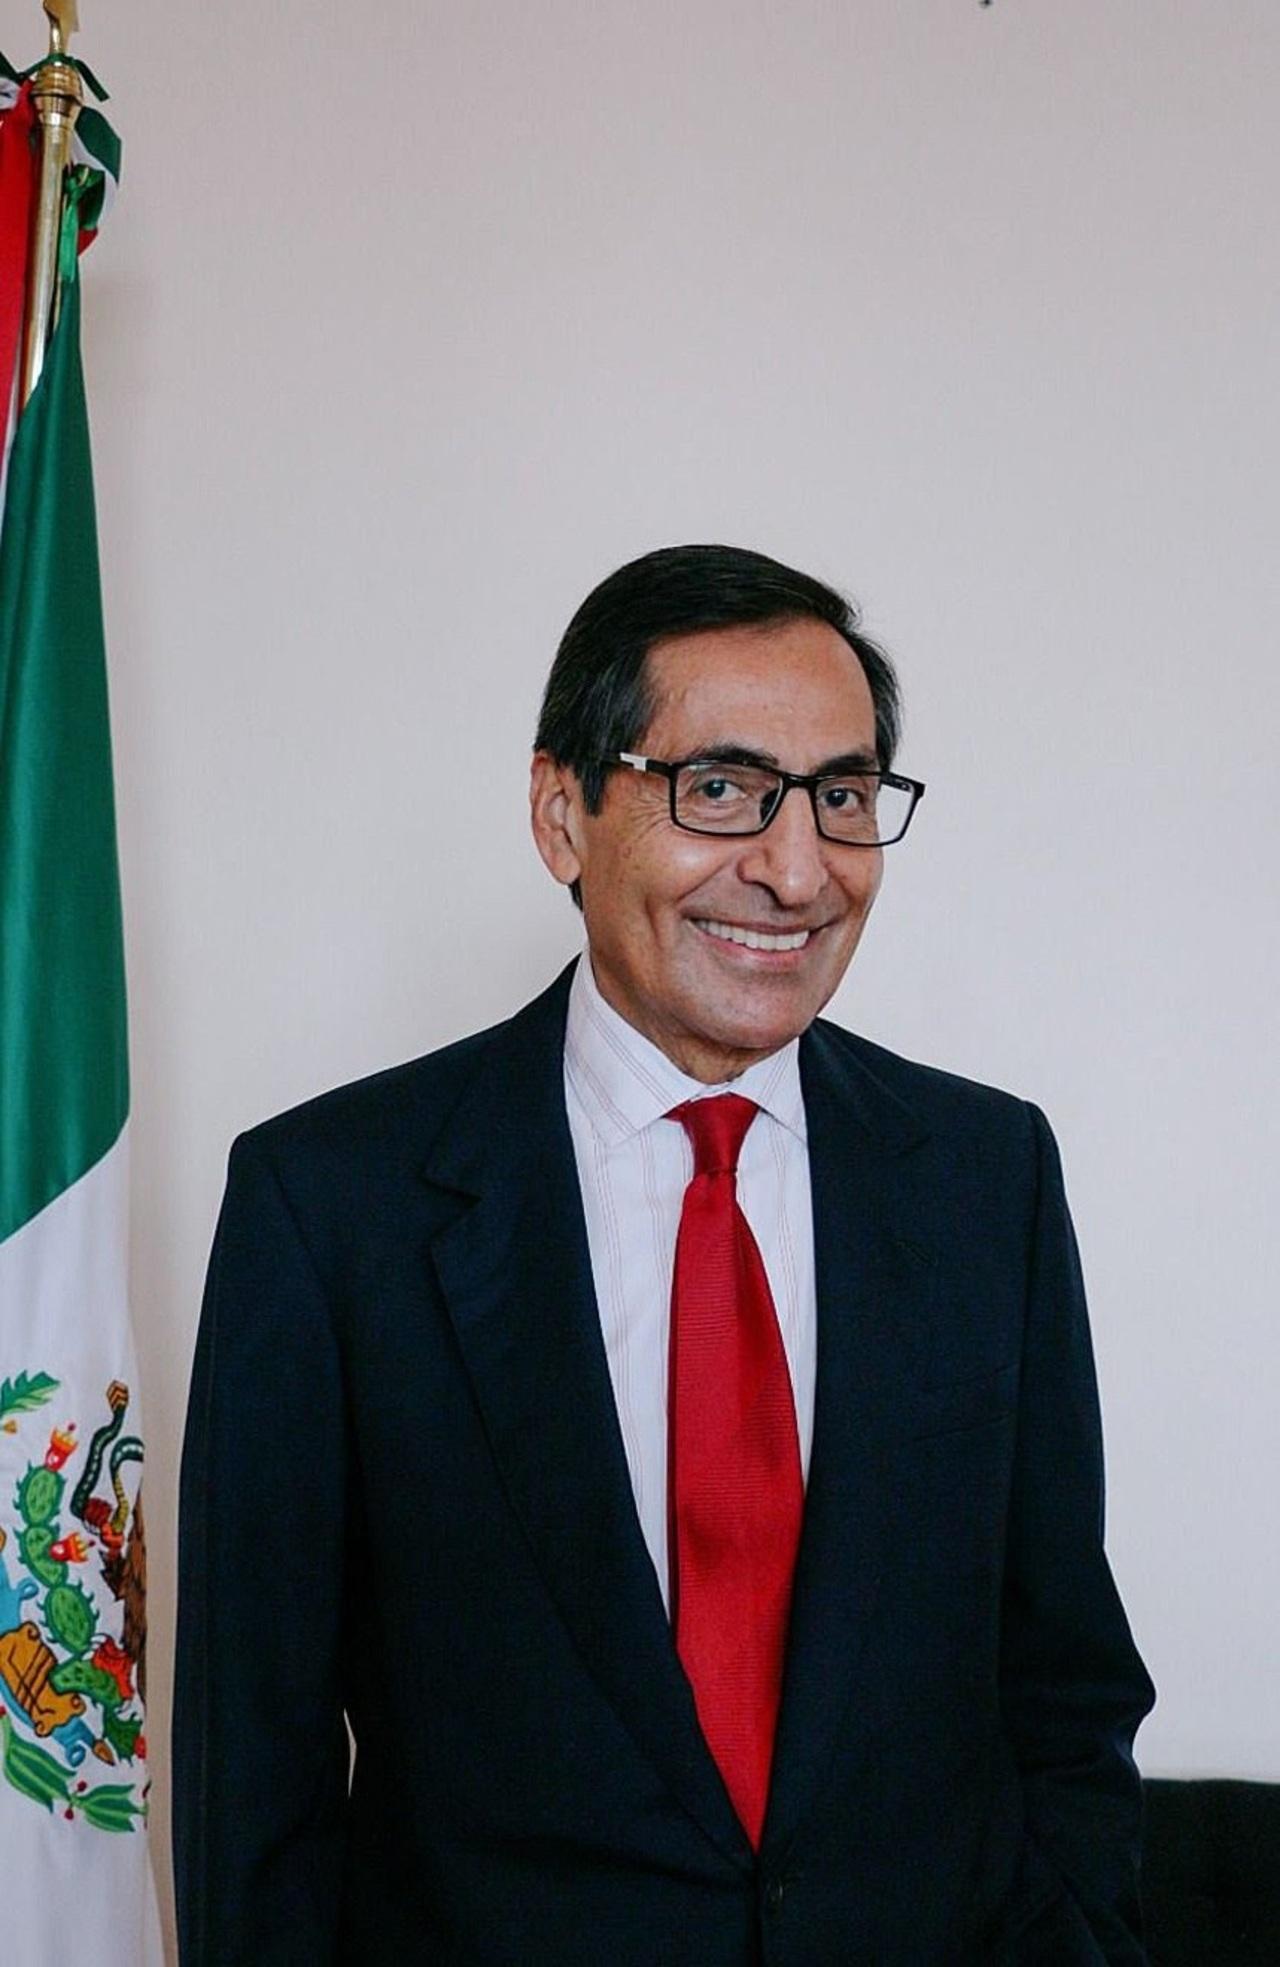 Avanza ratificación de Rogelio Ramírez de la O para SHCP